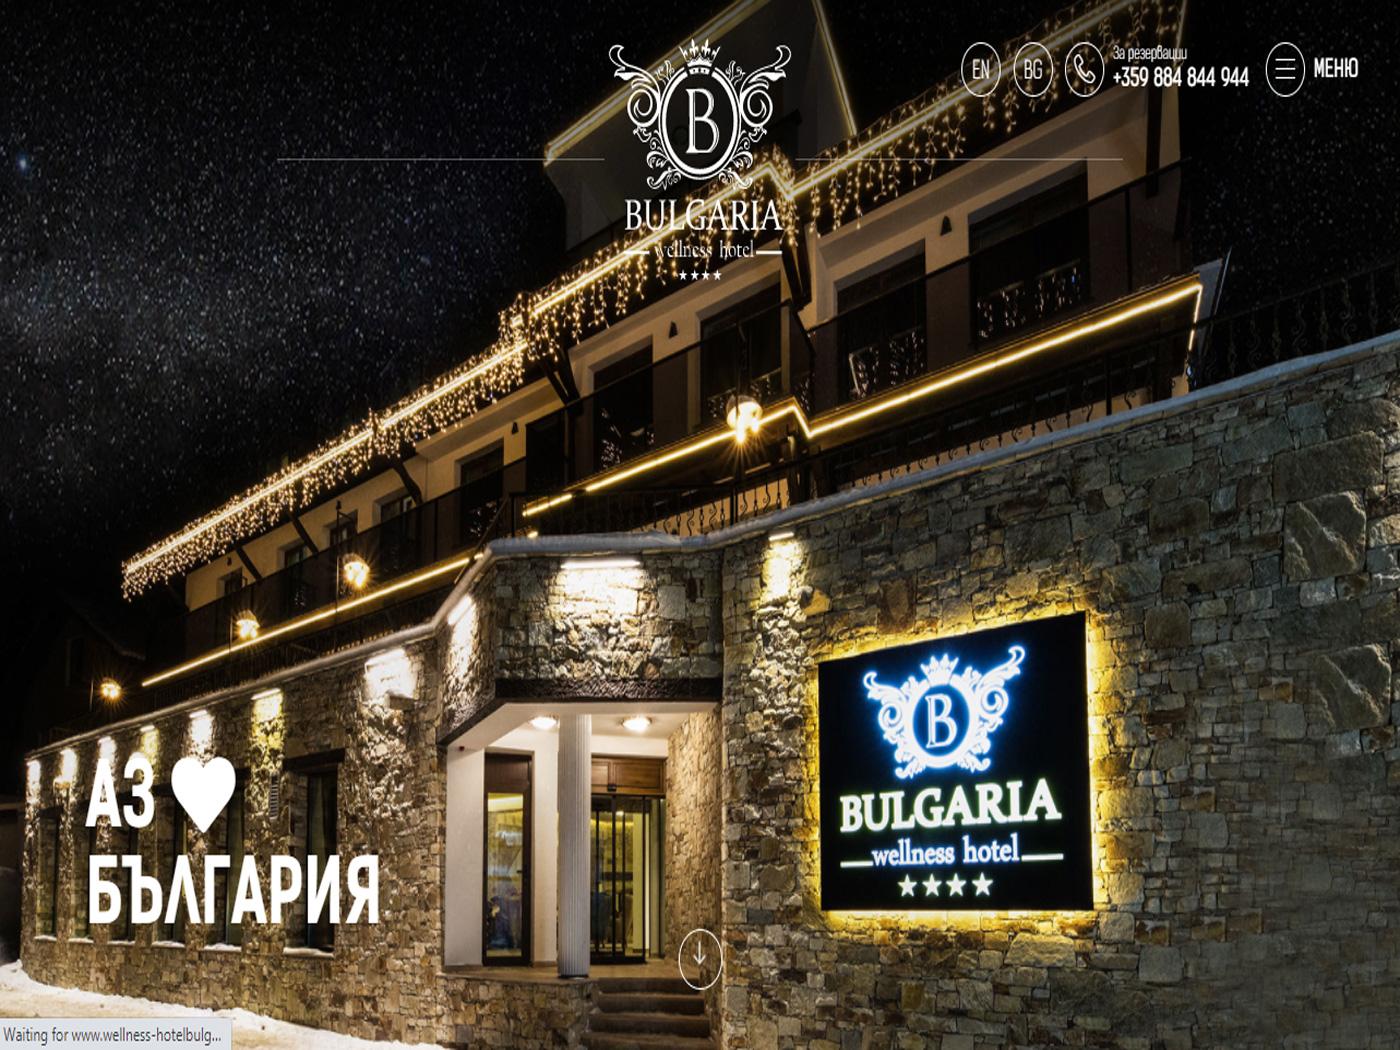 Διαφημίσεις Google ads για το Ξενοδοχείο Wellness Hotel Bulgaria